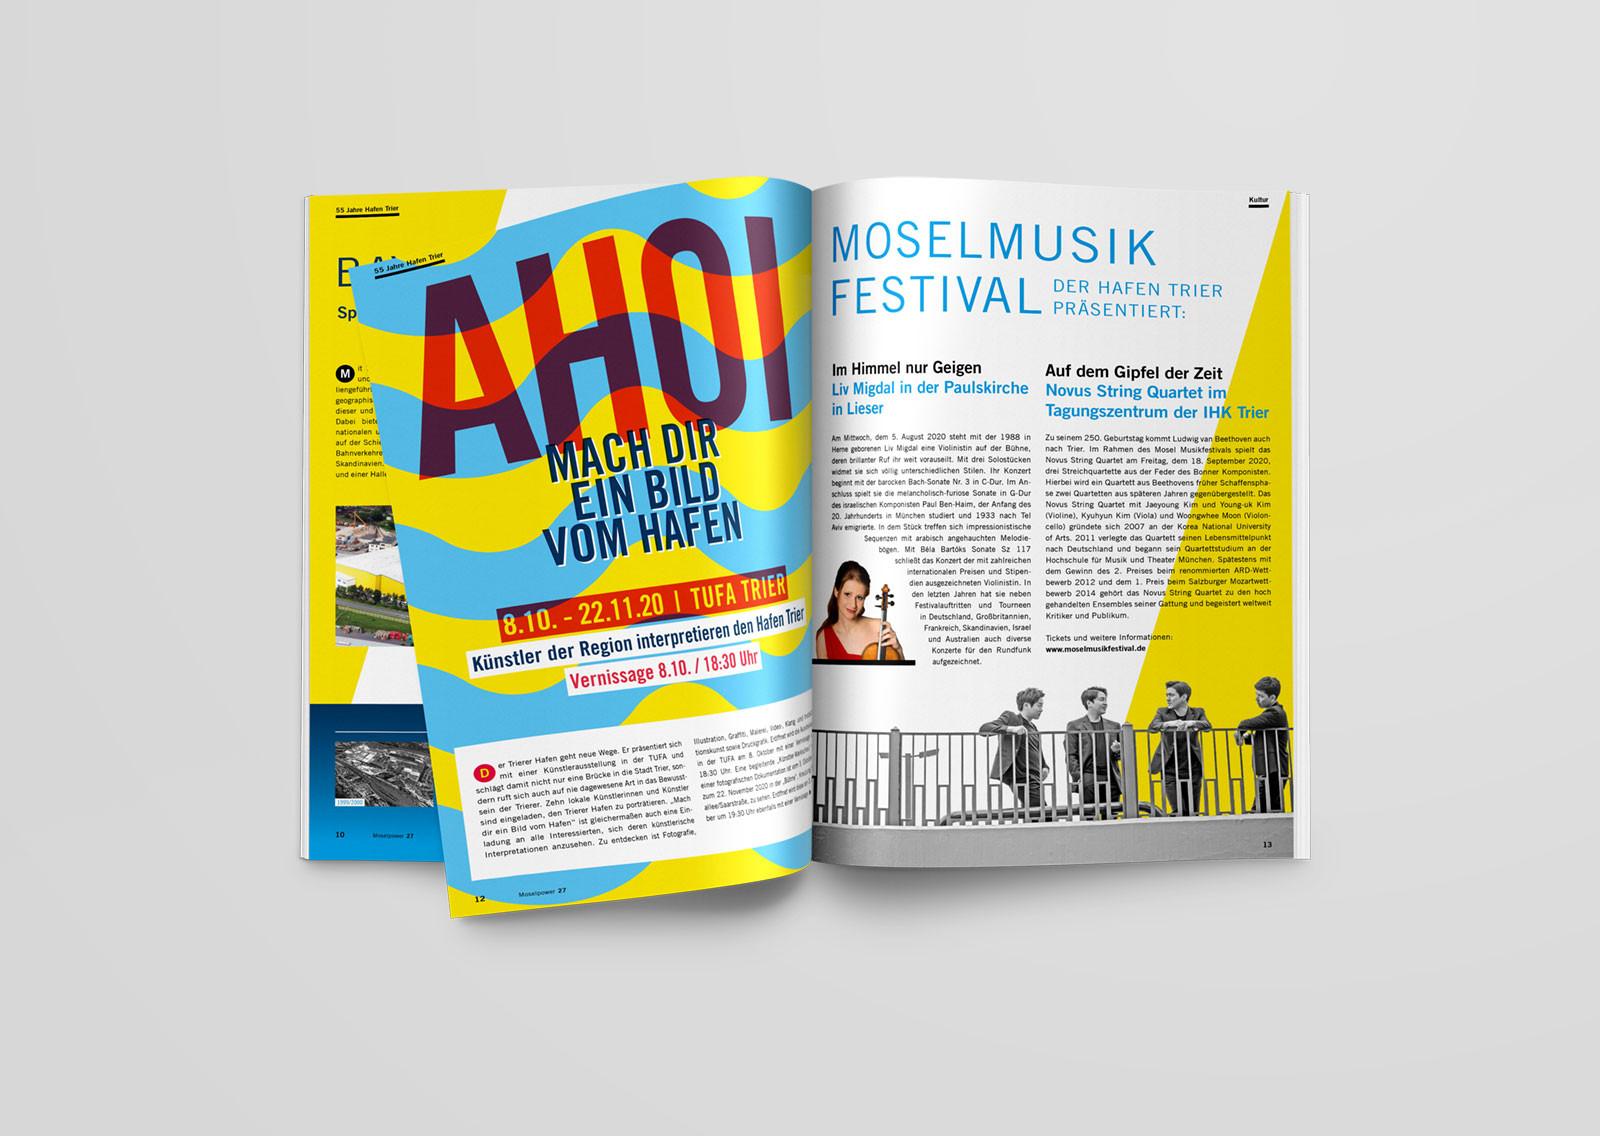 Abbildung Artikel zur Ausstellung Ahoi